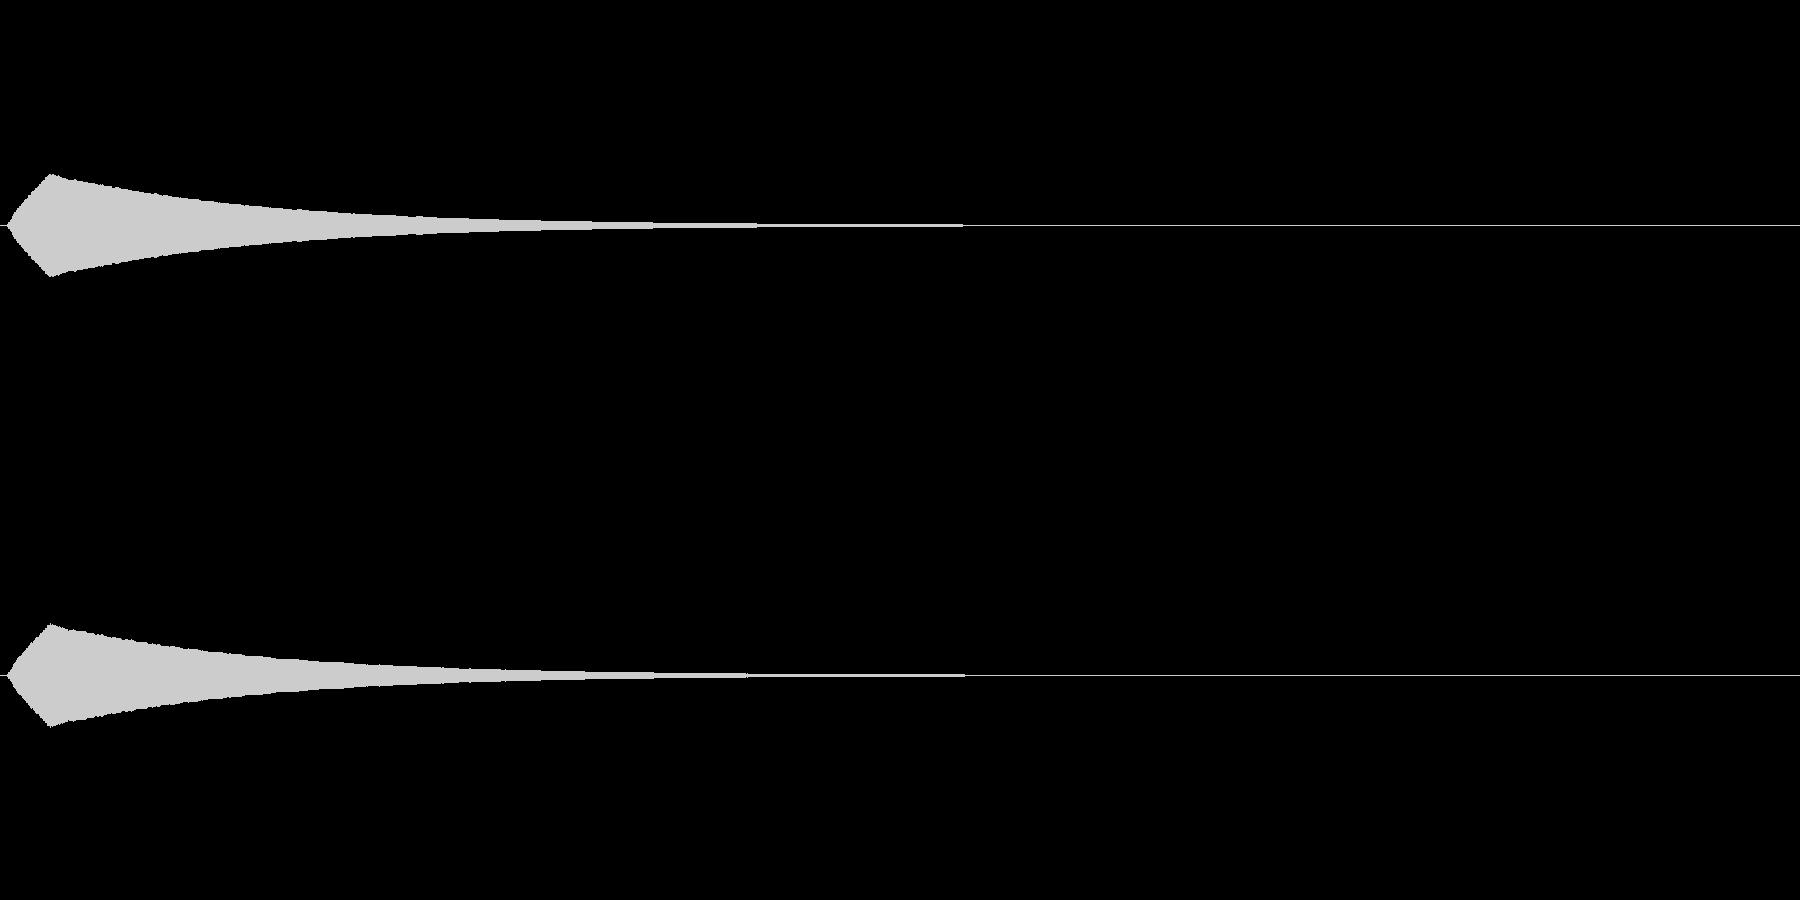 【ポップモーション31-2】の未再生の波形